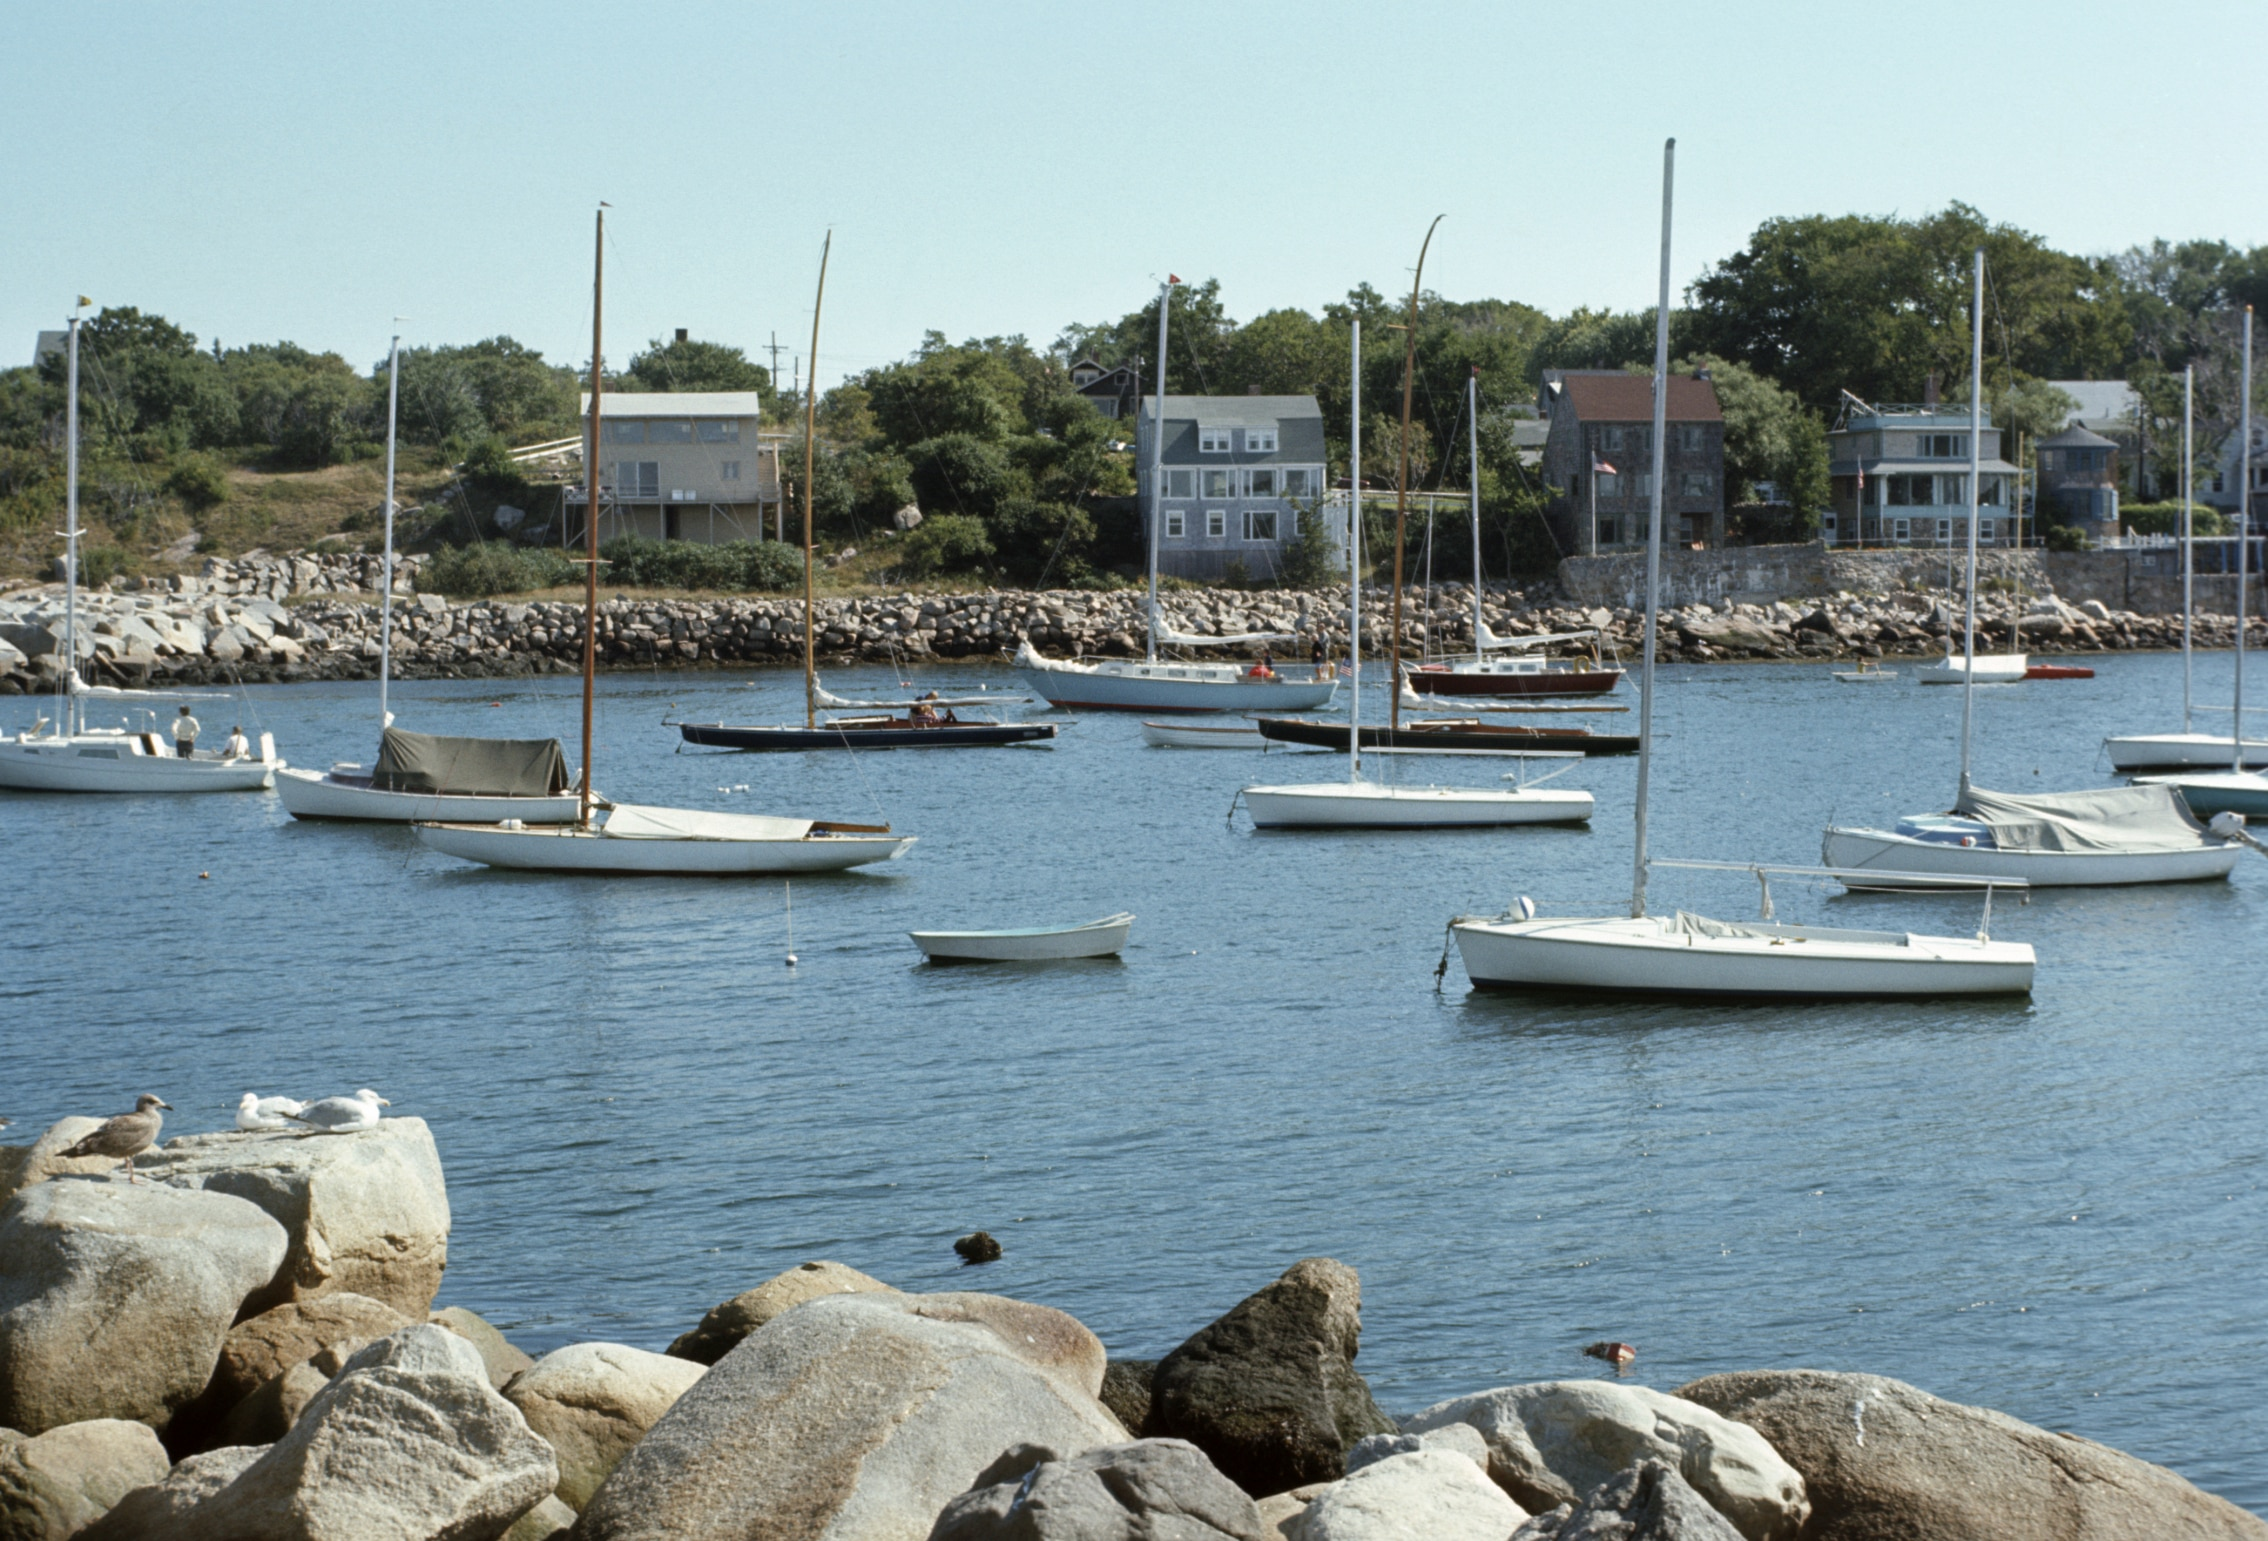 Des voiliers ancrés dans une baie (Thinkstock)